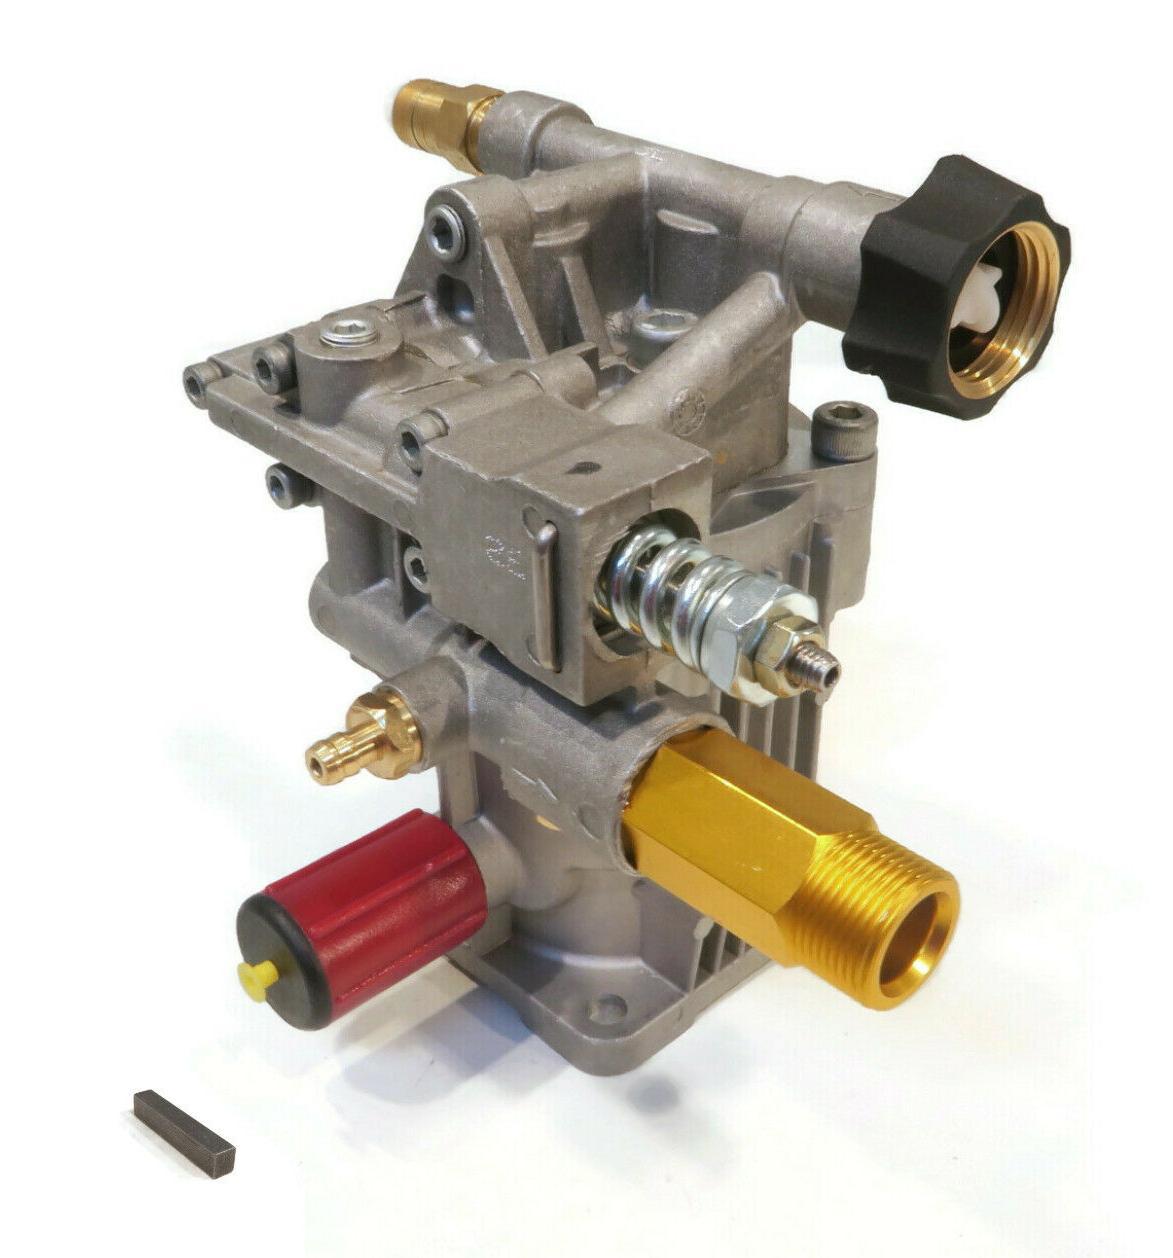 new pressure washer pump fits karcher power